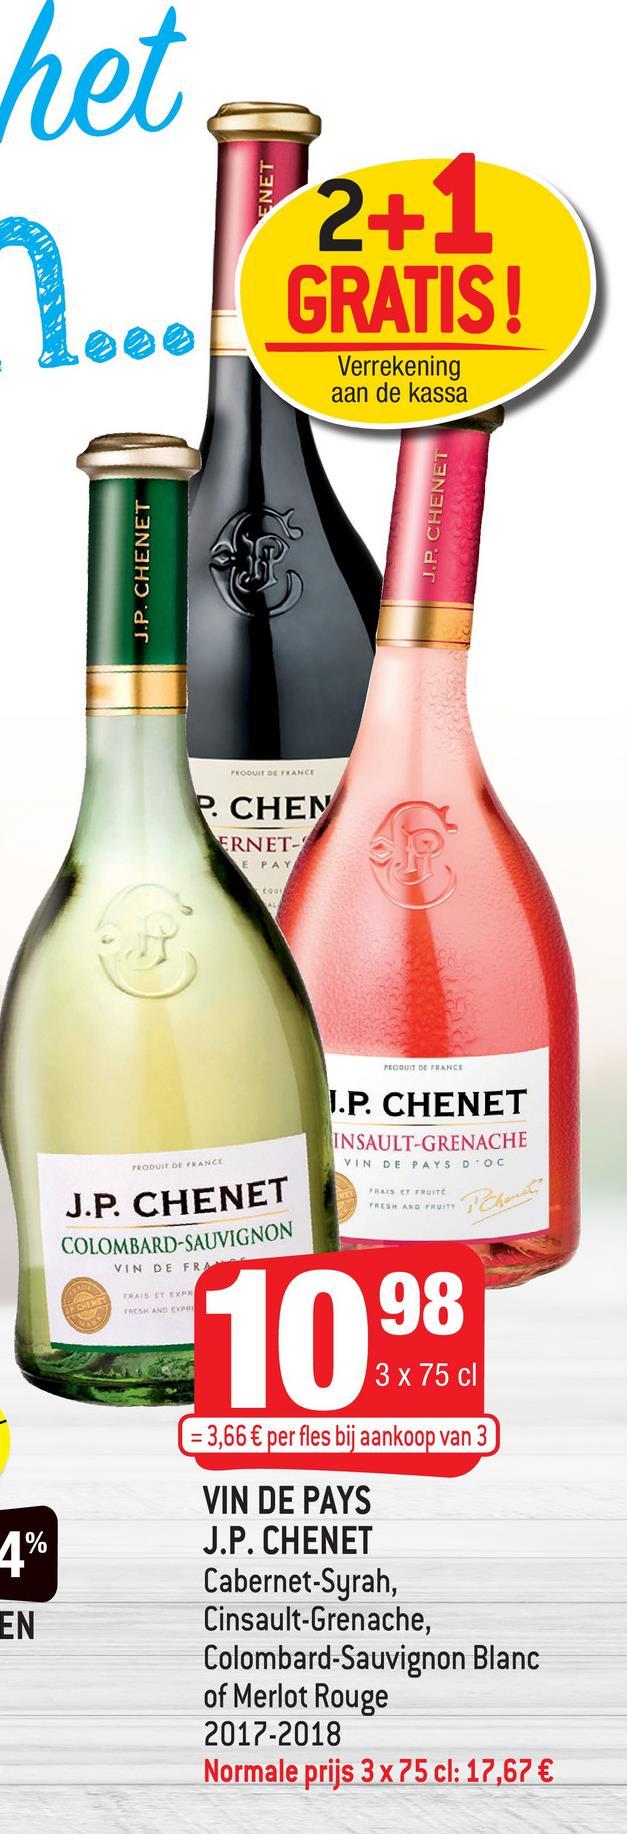 het ENET 2+1 GRATIS! Verrekening aan de kassa J.P. CHENET J.P. CHENET PRODUIT DE FRANCE CHEN ERNET- E PAY PRODUIT DE FRANCE I.P. CHENET INSAULT-GRENACHE VINDE PAYS D'OC PRODUIT DE FRANCE RAIS ET FRUITE ***** AND THE Cher J.P. CHENET COLOMBARD-SAUVIGNON VIN DE FRA RAIS ET EXPR TREE AND 1098 3 x 75 cl = 3,66 € per fles bij aankoop van 3 VIN DE PAYS J.P. CHENET Cabernet-Syrah, Cinsault-Grenache, Colombard-Sauvignon Blanc of Merlot Rouge 2017-2018 Normale prijs 3 x 75 cl: 17,67 €